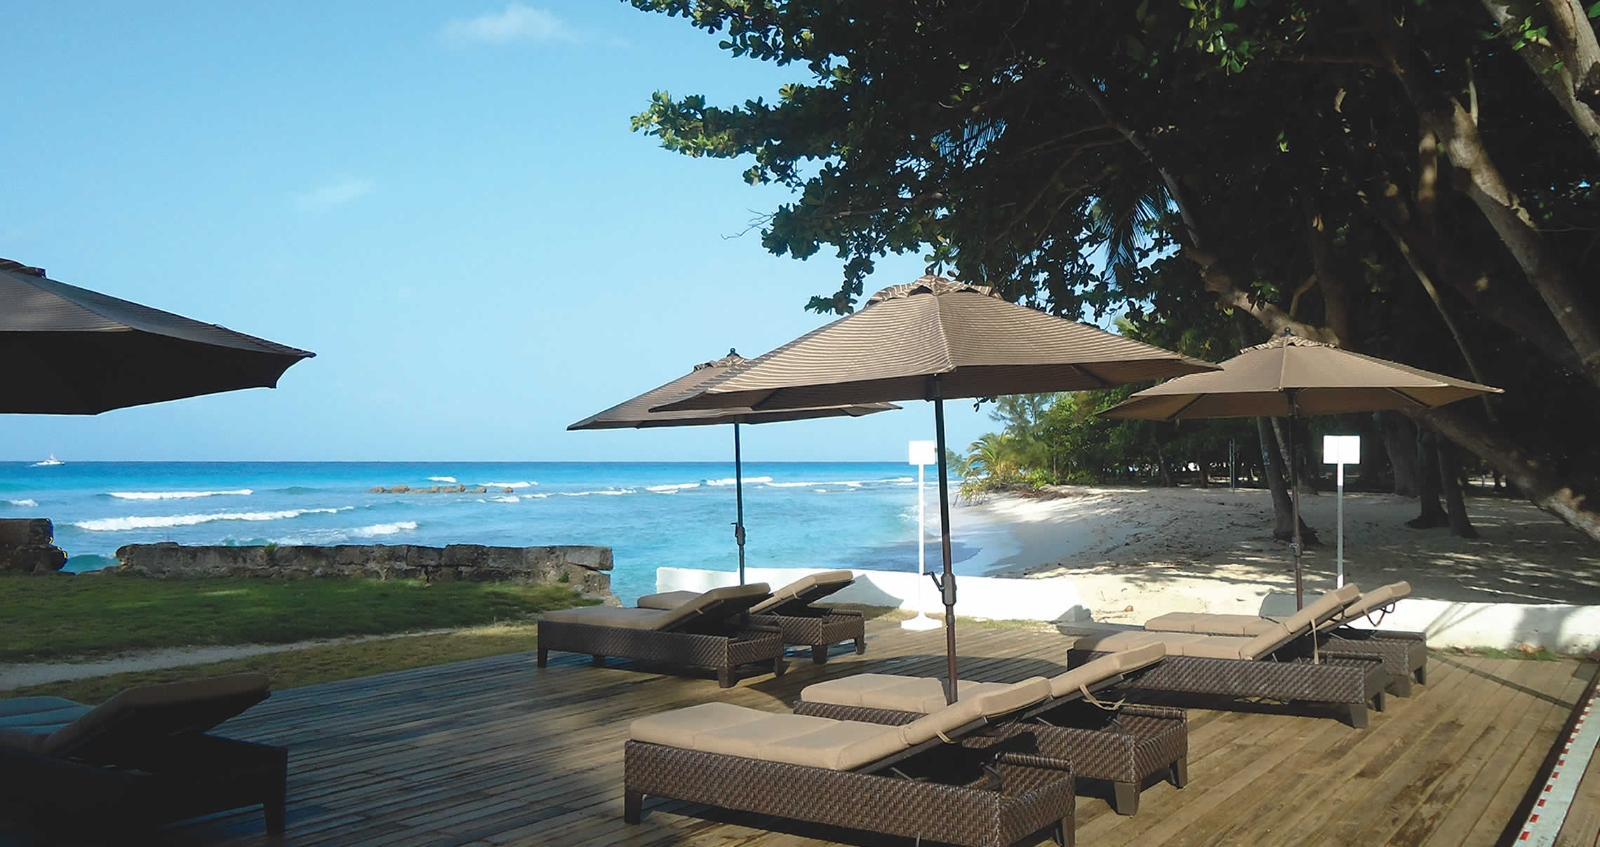 Barbados Holidays 2019/2020   Barbados All Inclusive